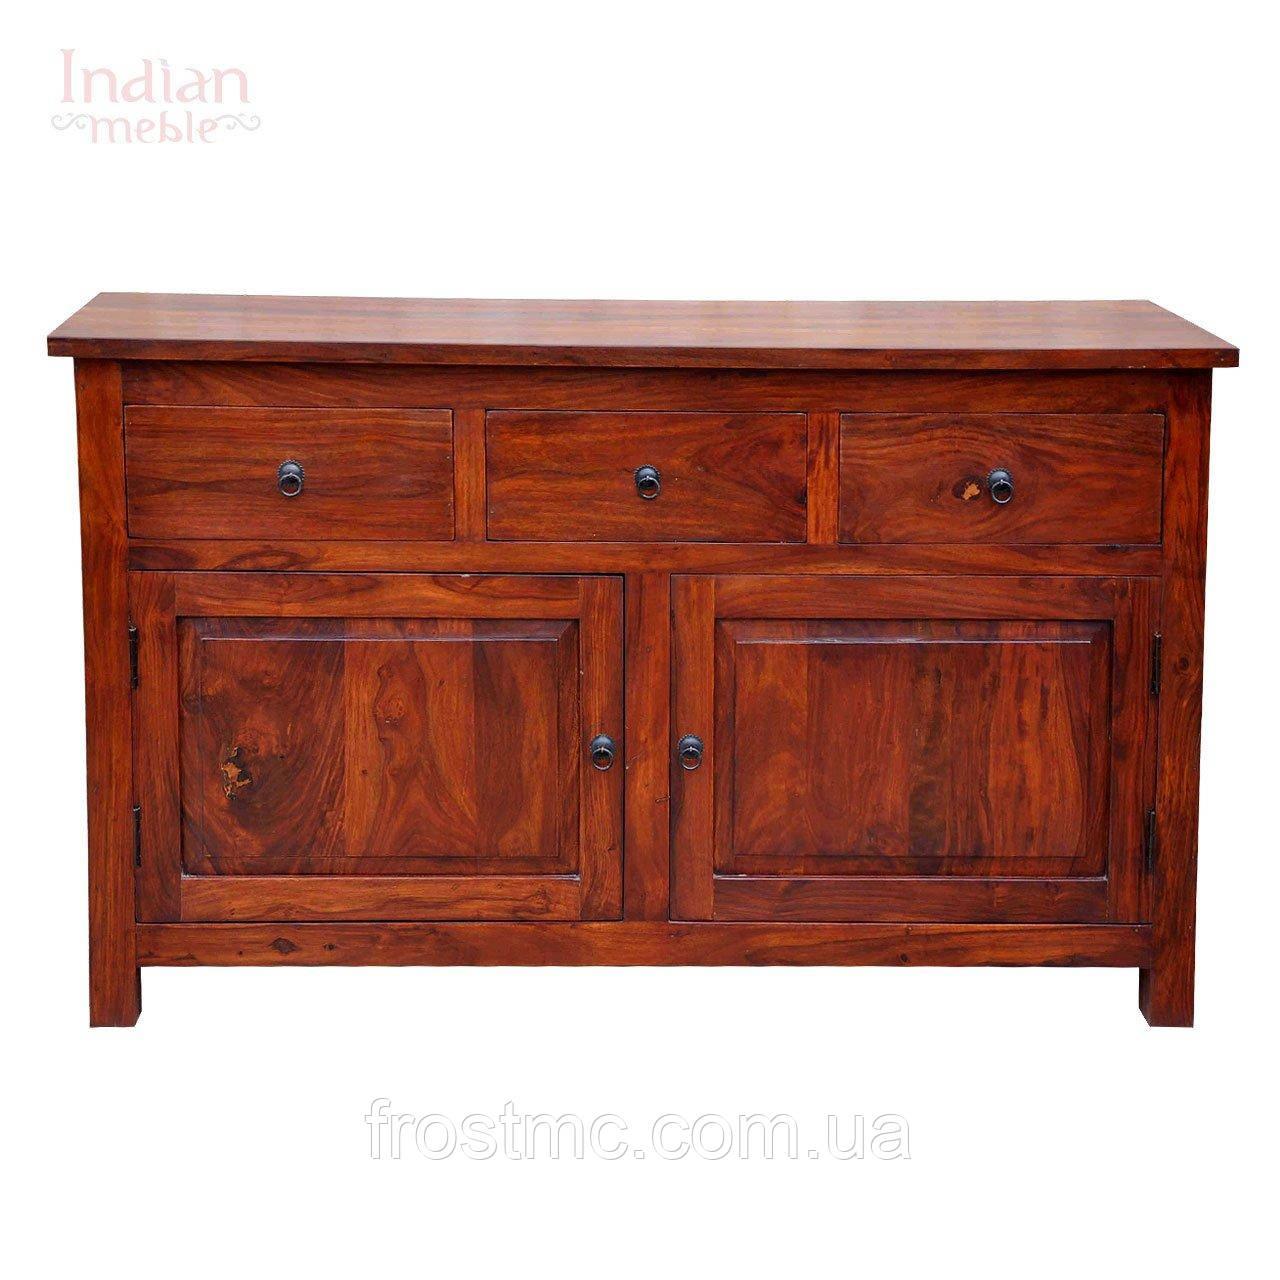 Індійський дерев'яний комод